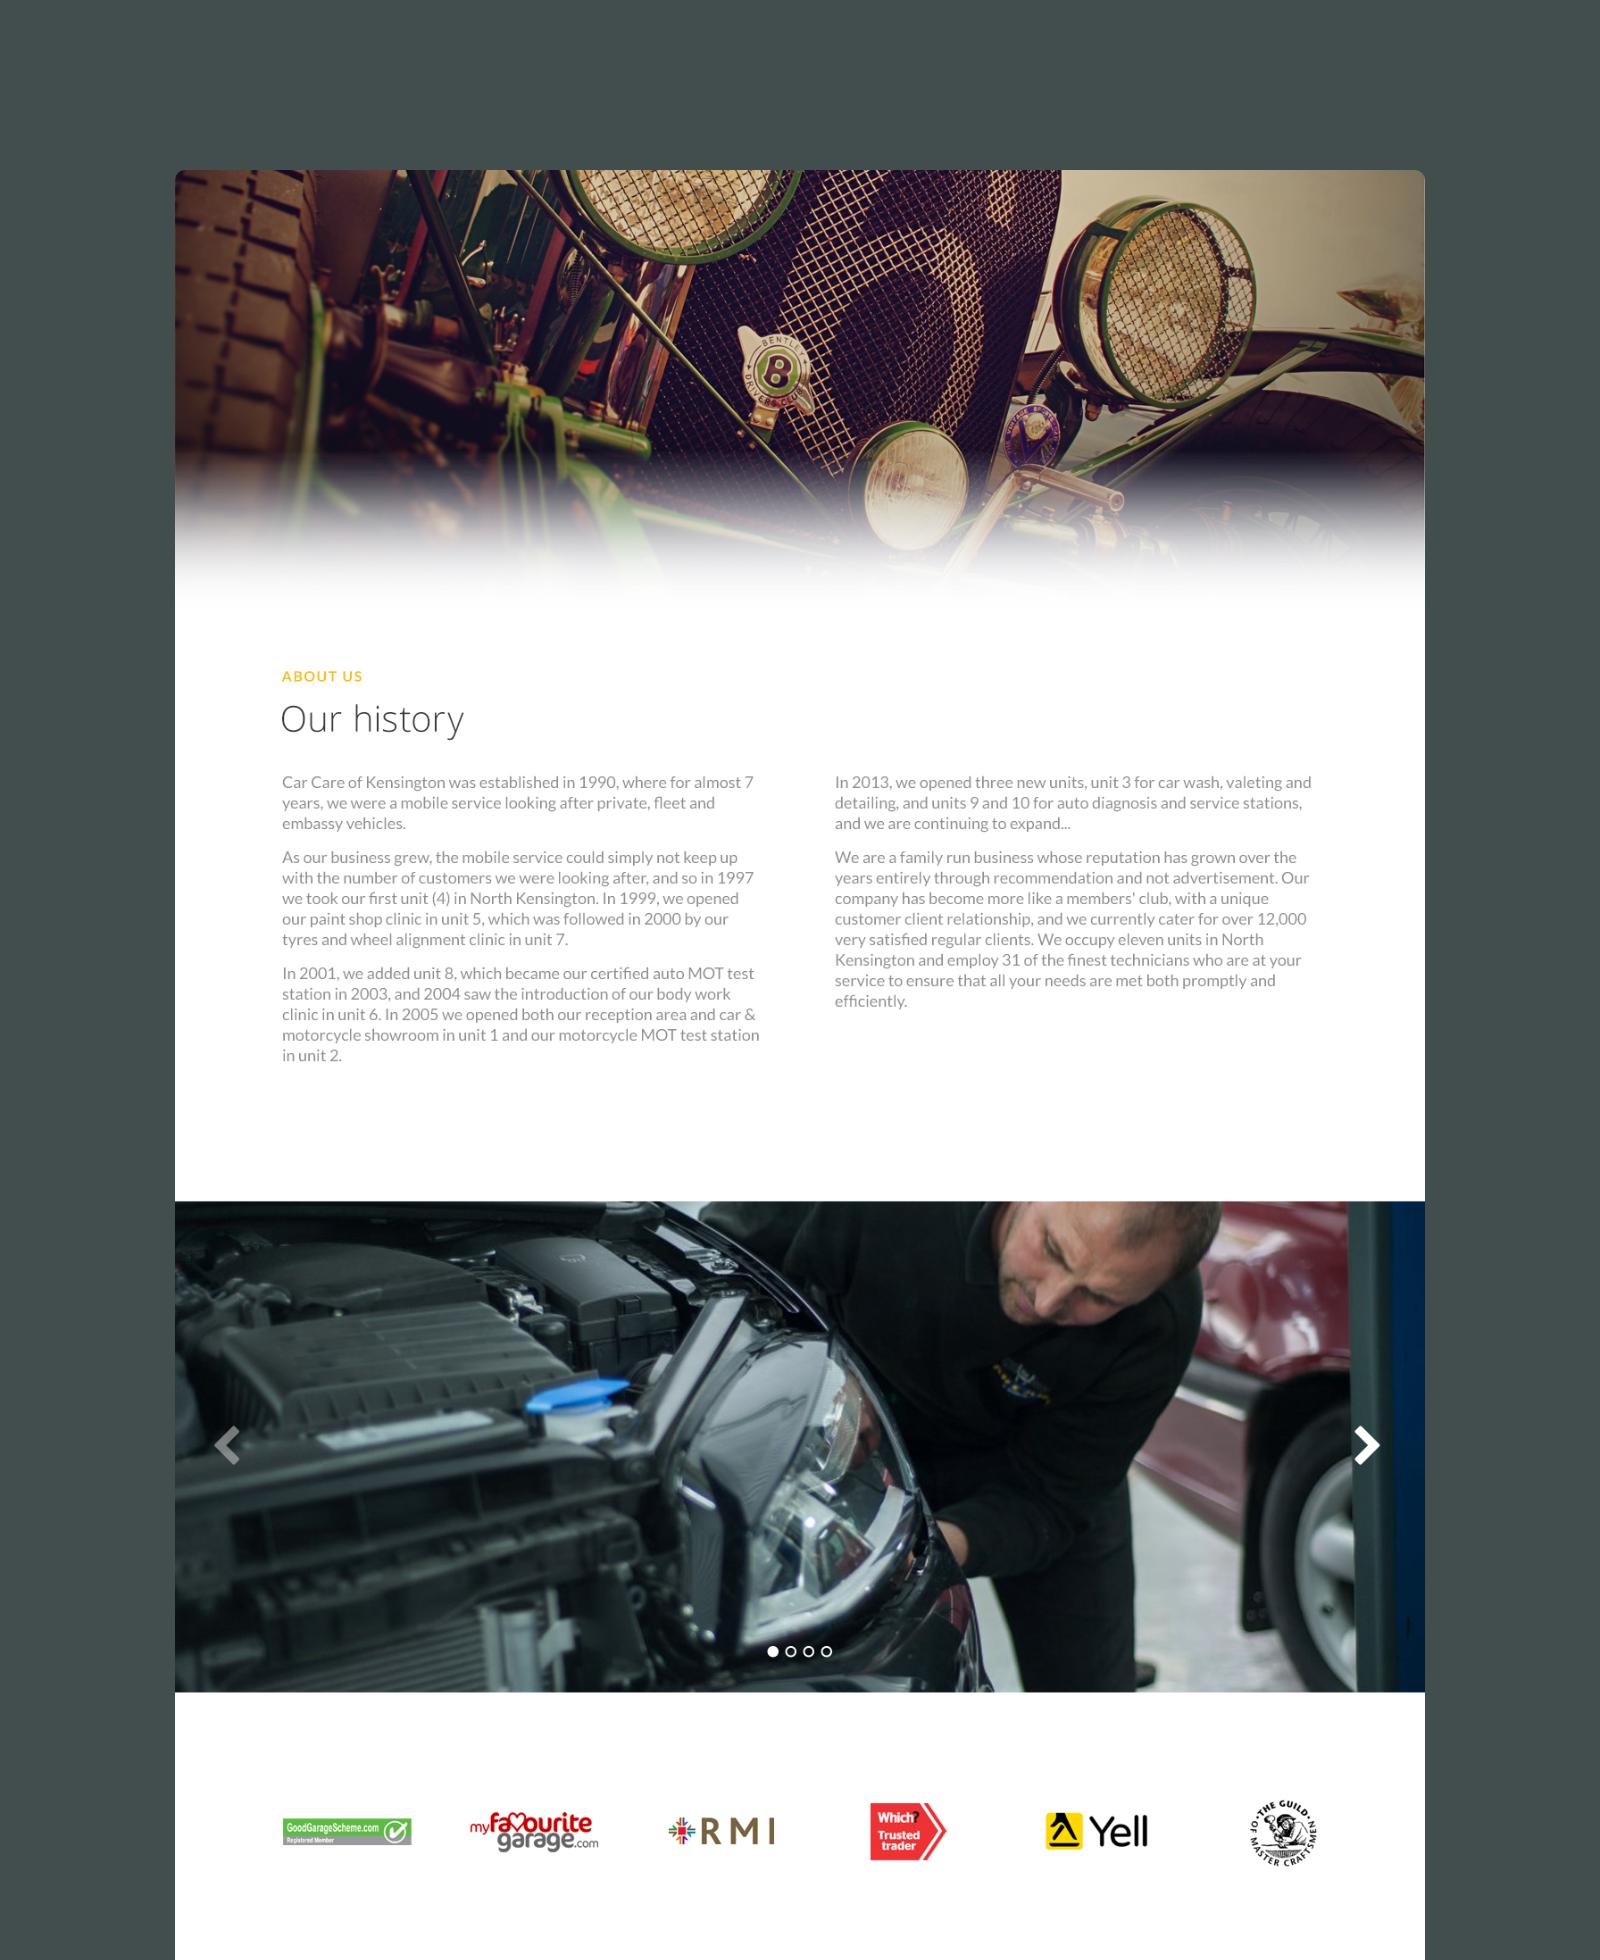 Car Care of Kensington Brand Story